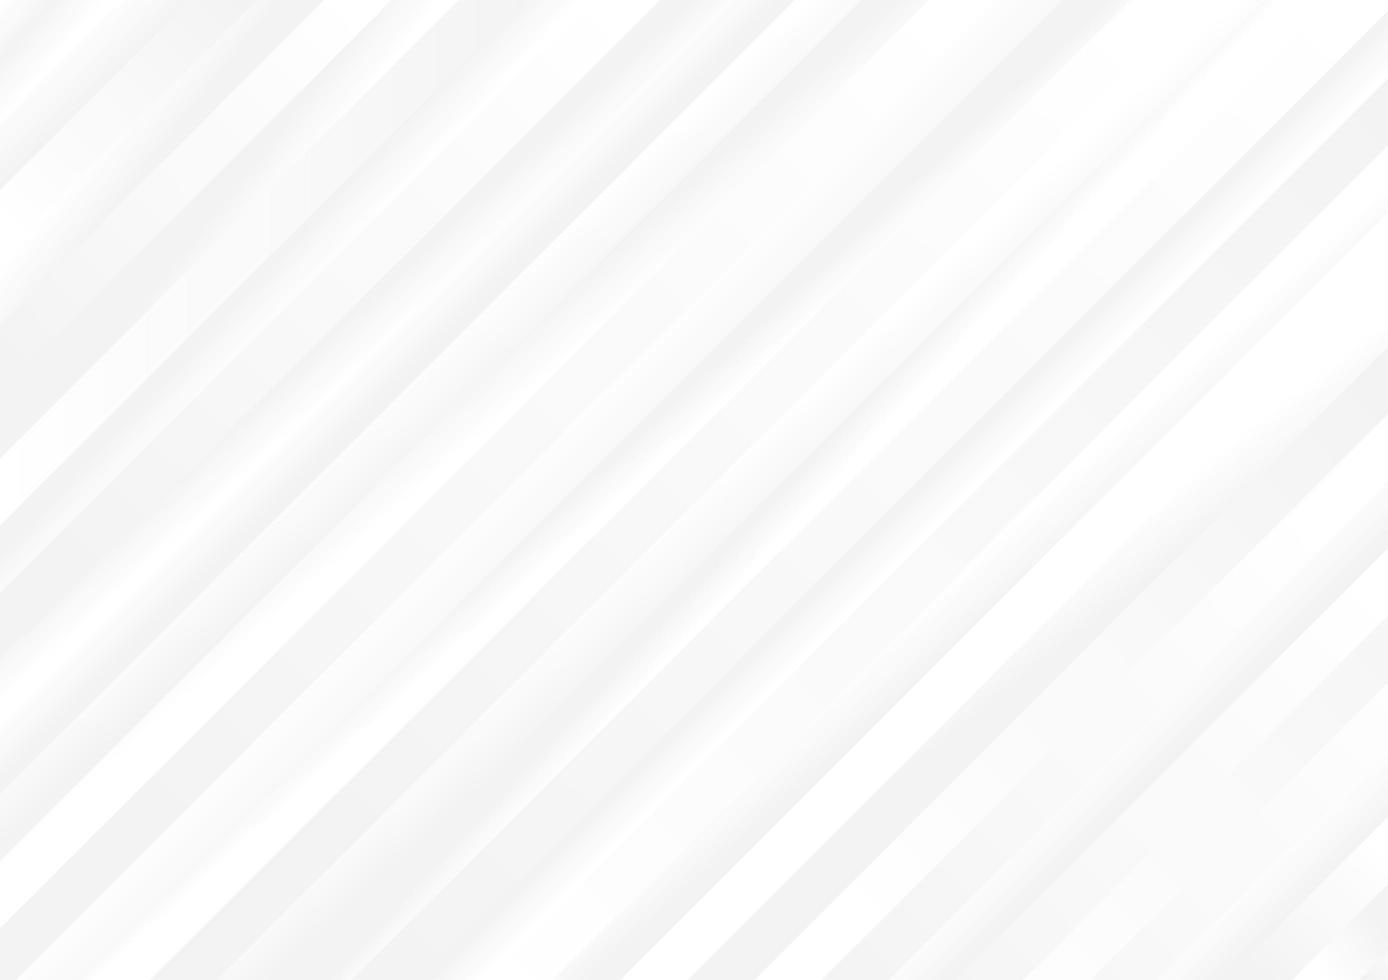 linea bianca sullo sfondo vettore